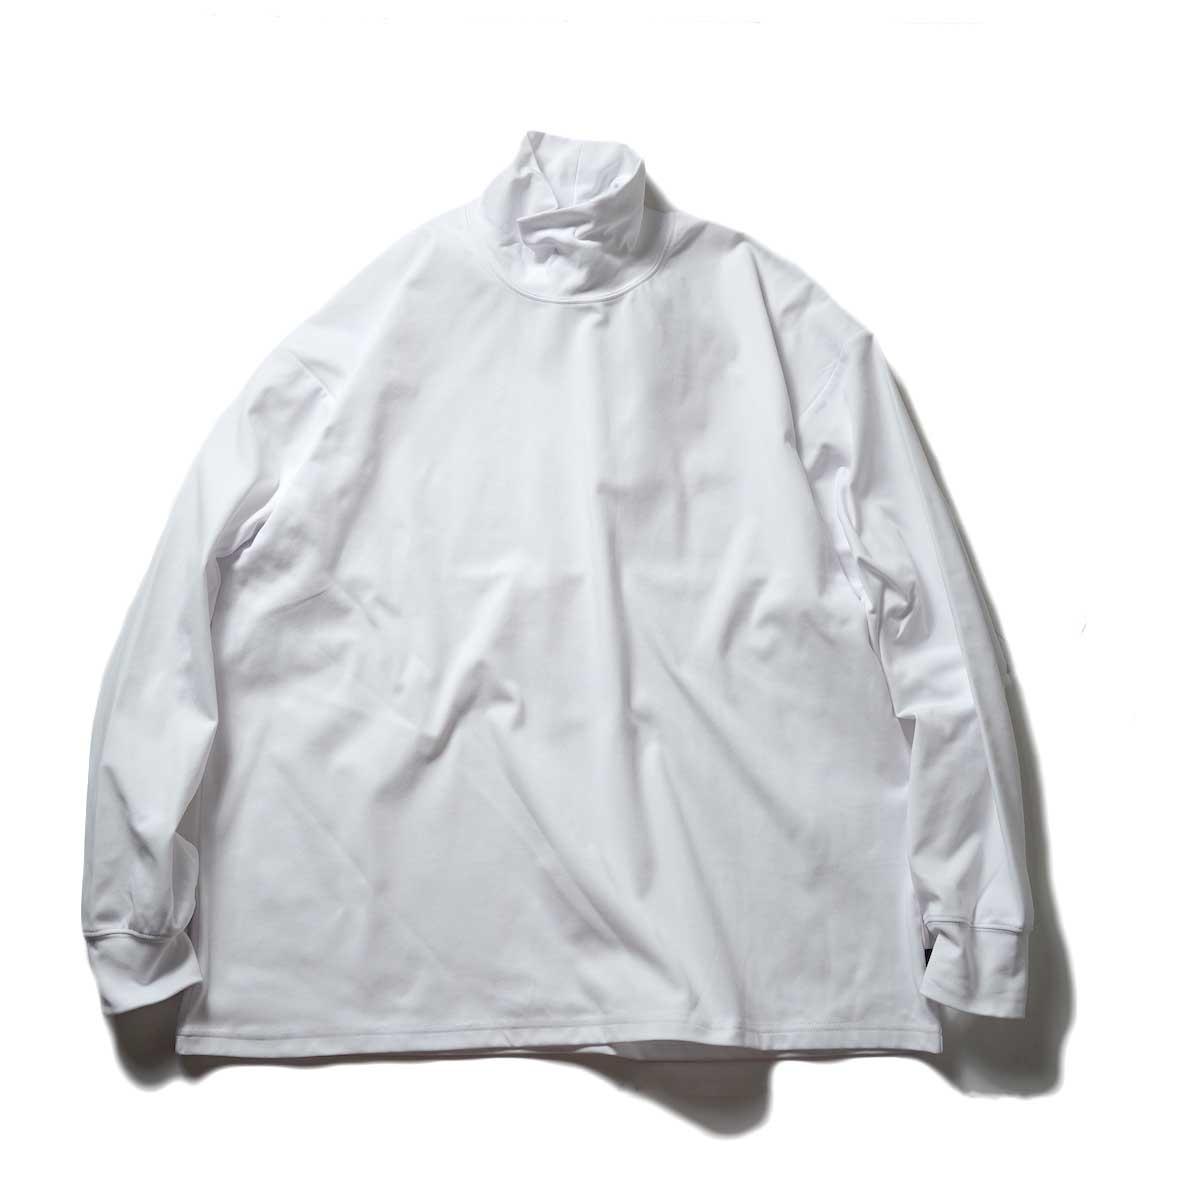 DAIWA PIER39 / TECH MOCK NECK TEE L/S (White)